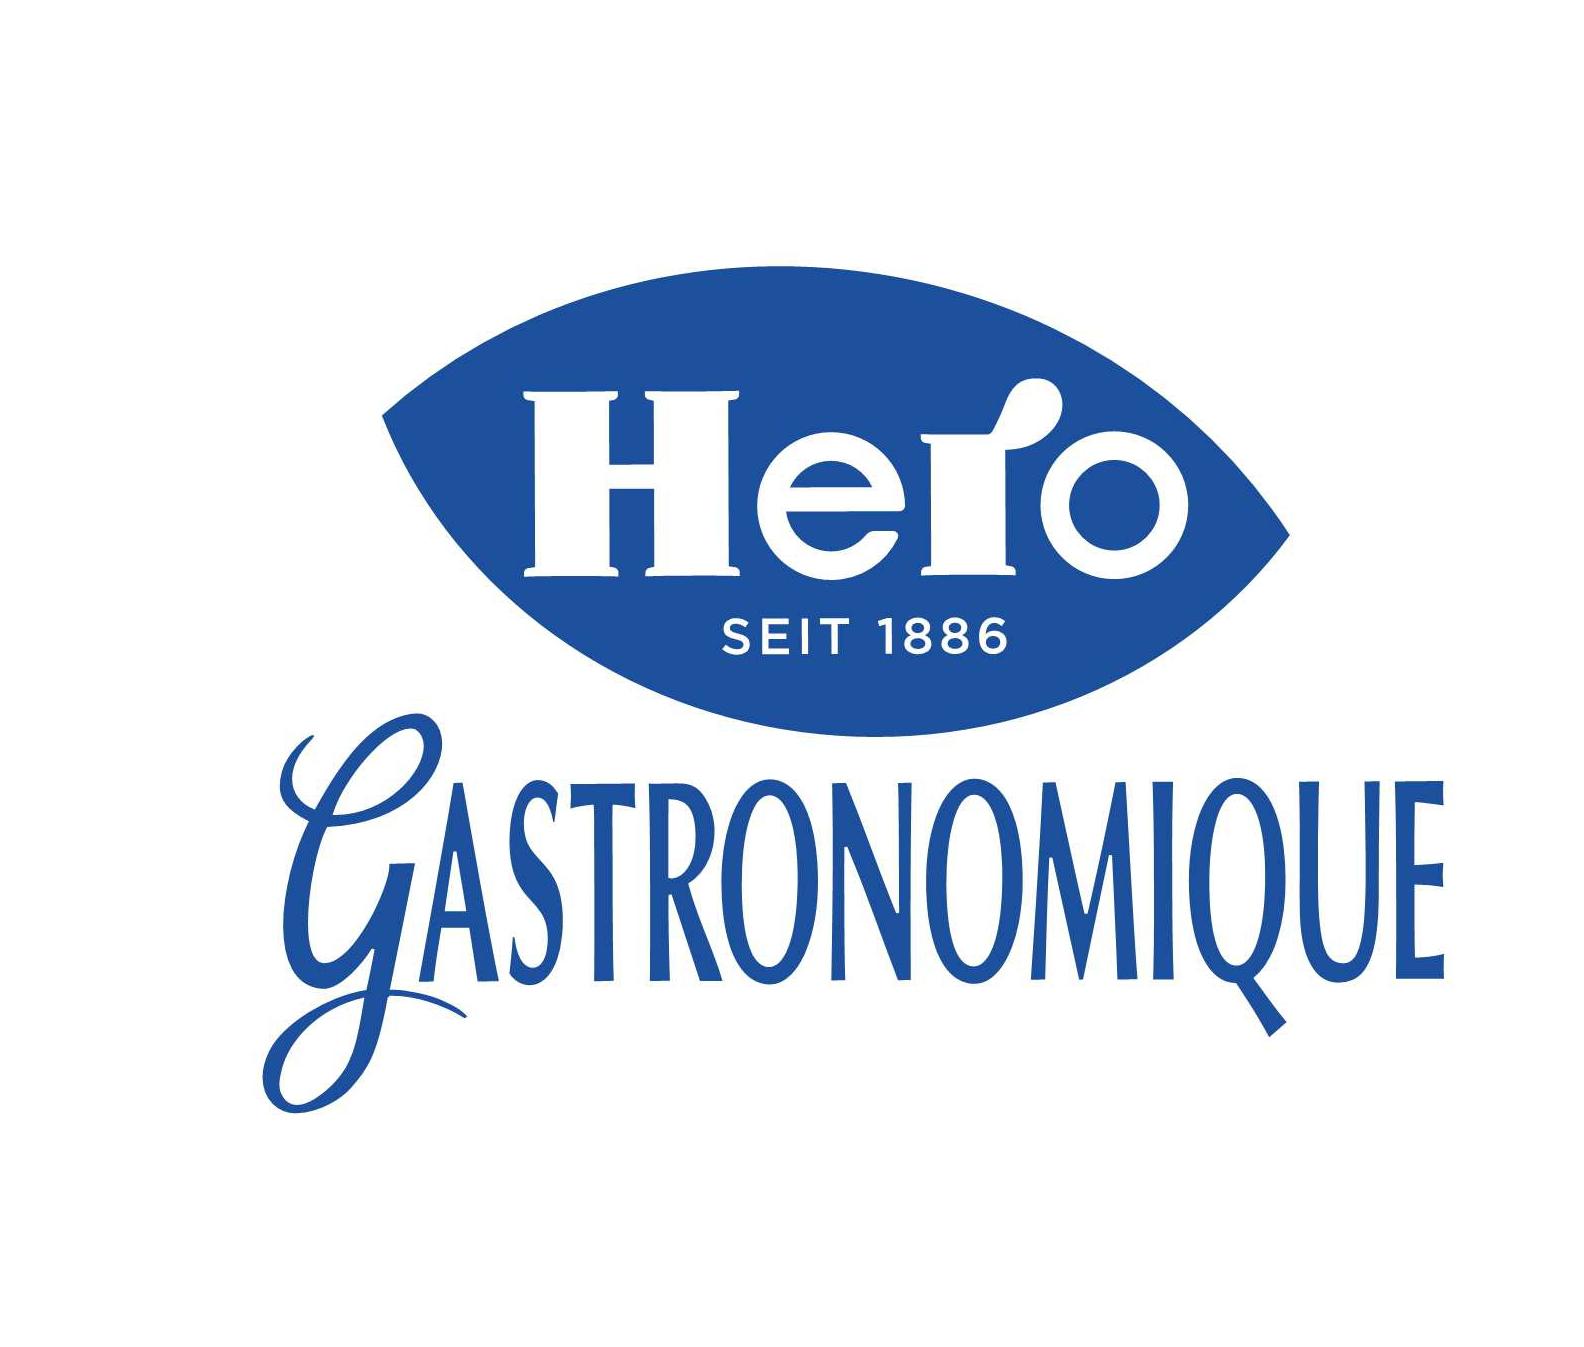 HERO_Gastronomique_Rapport-p1